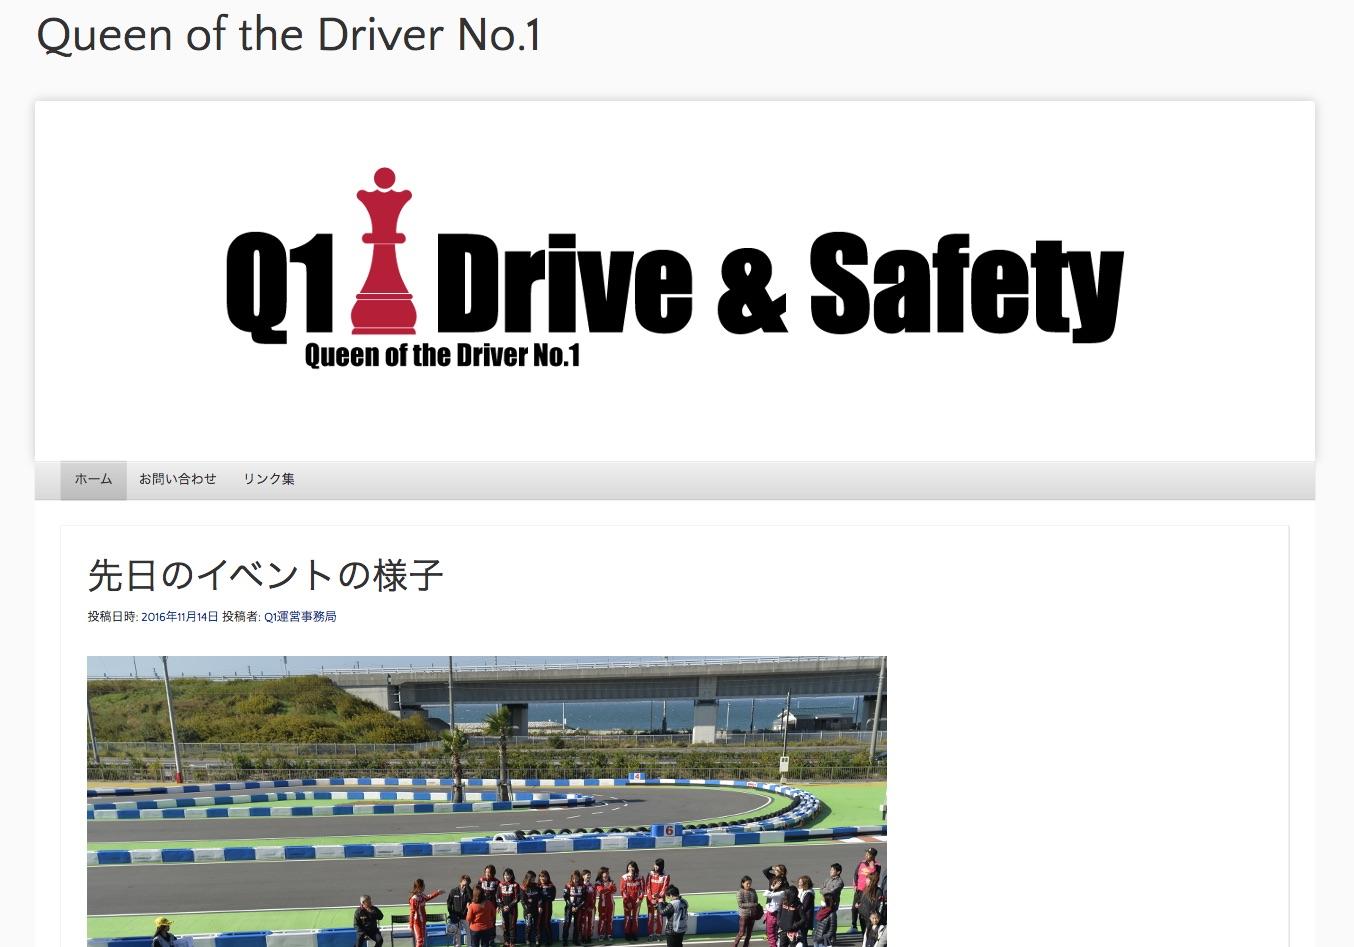 第1回 Q1 Drive & Safety